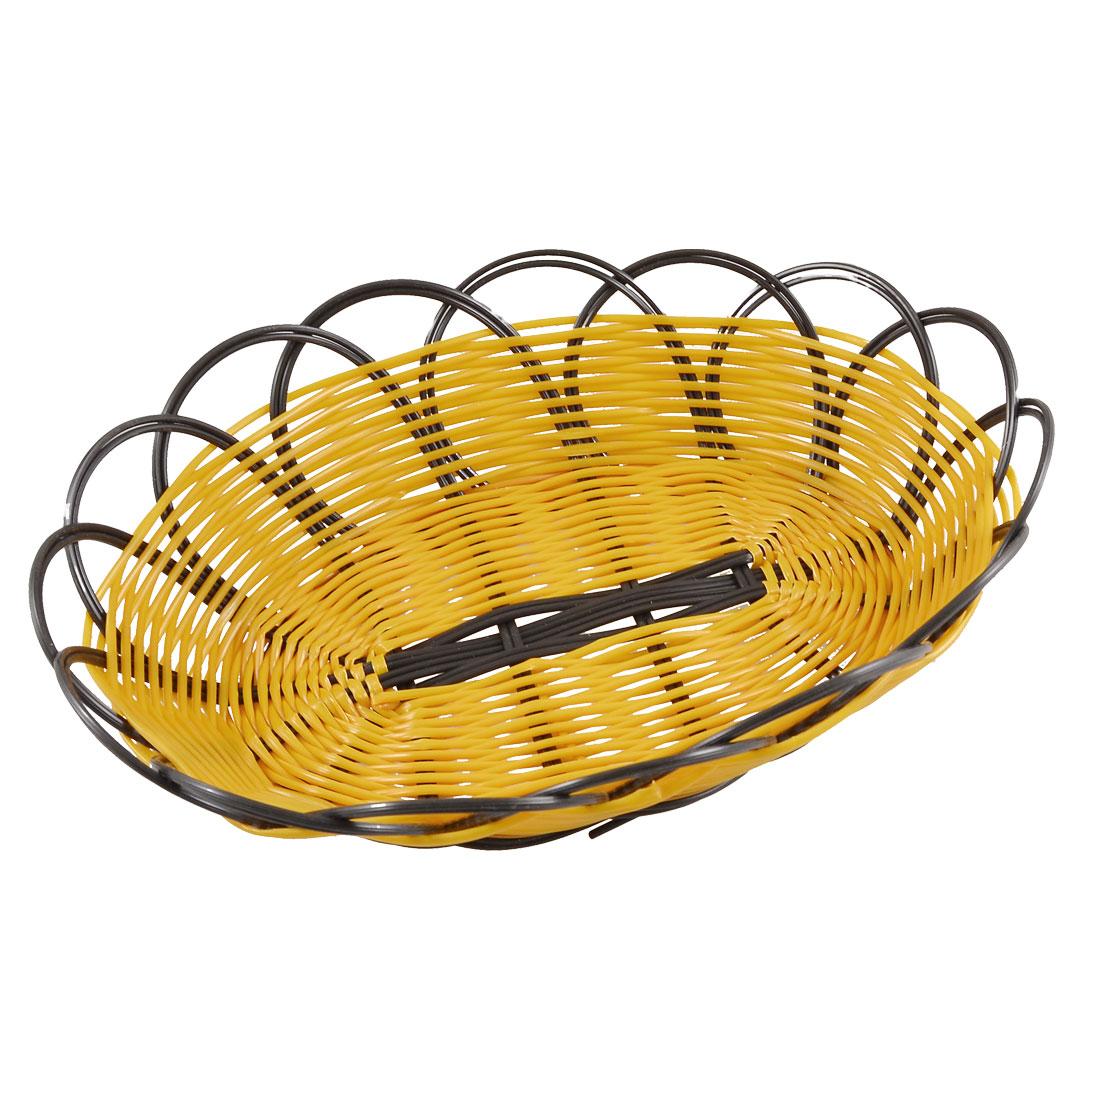 Light Brown Black Fruit Vegetable Basket Container Washing Colander